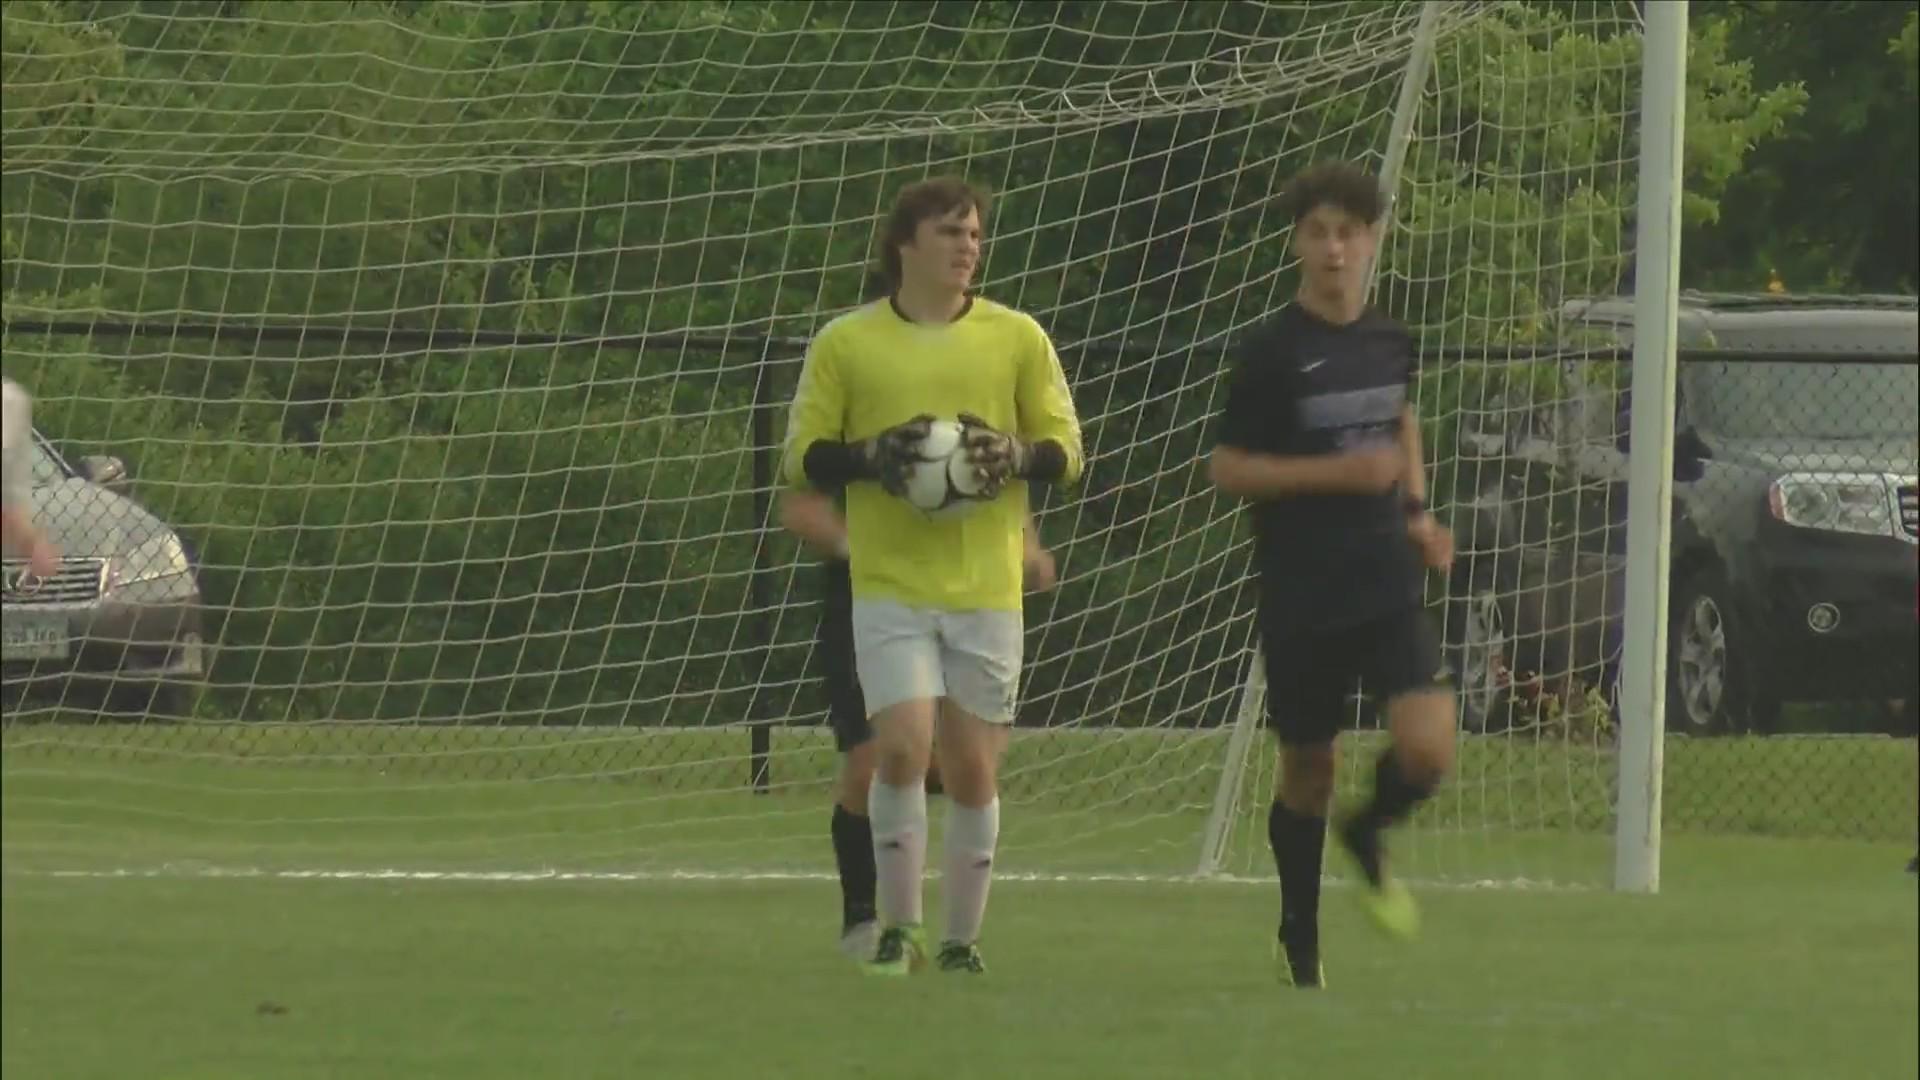 Bettendorf Soccer falls 3-0 to Waukee.